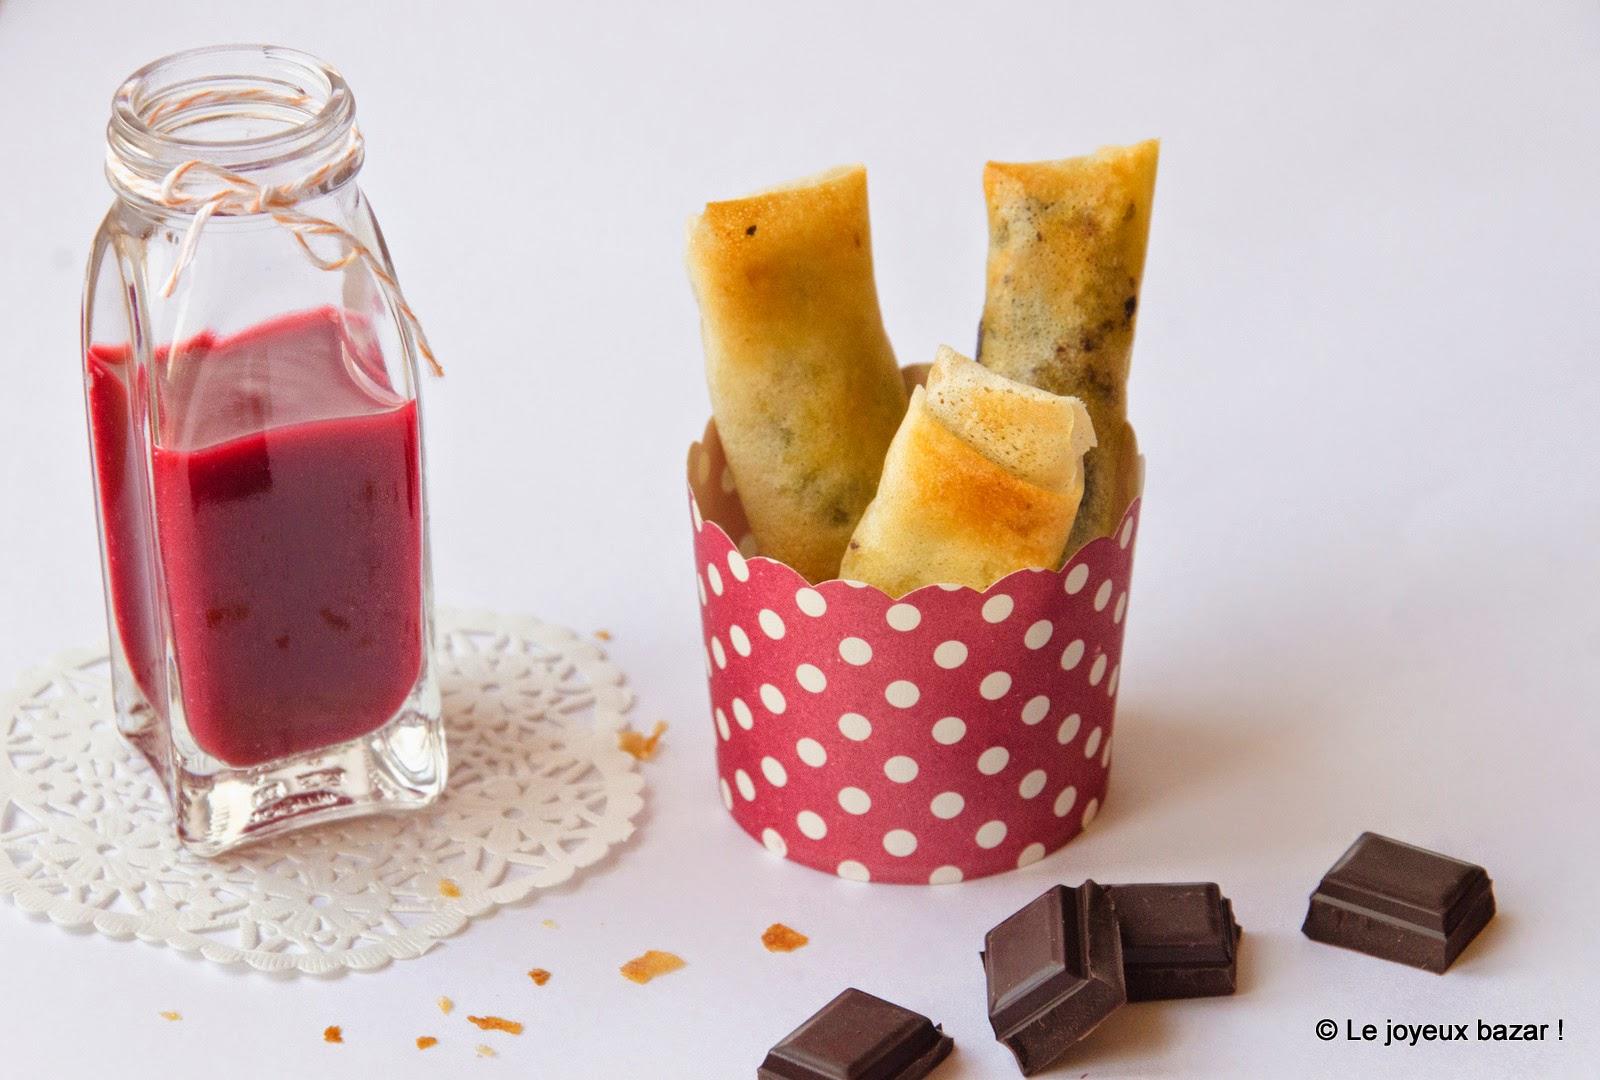 Recette nems banane chocolat et coulis de framboises